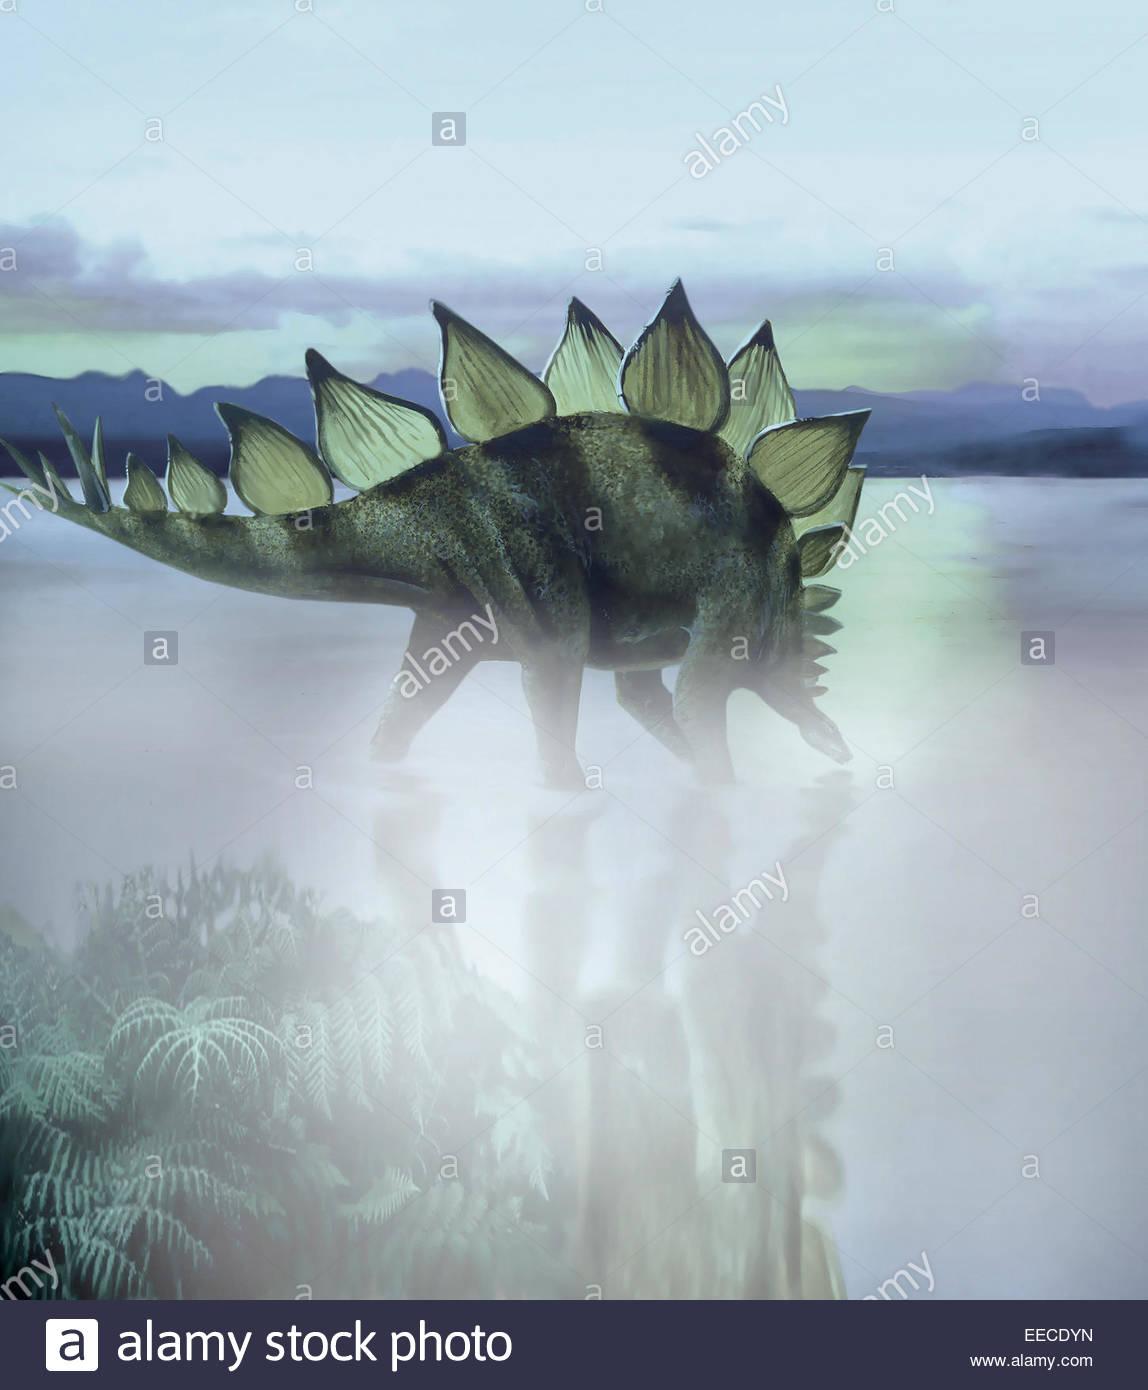 Un dinosaurio Estegosaurio pastoreo en un lago prehistórico. Las placas en un Stegosaurus volver una vez se Imagen De Stock